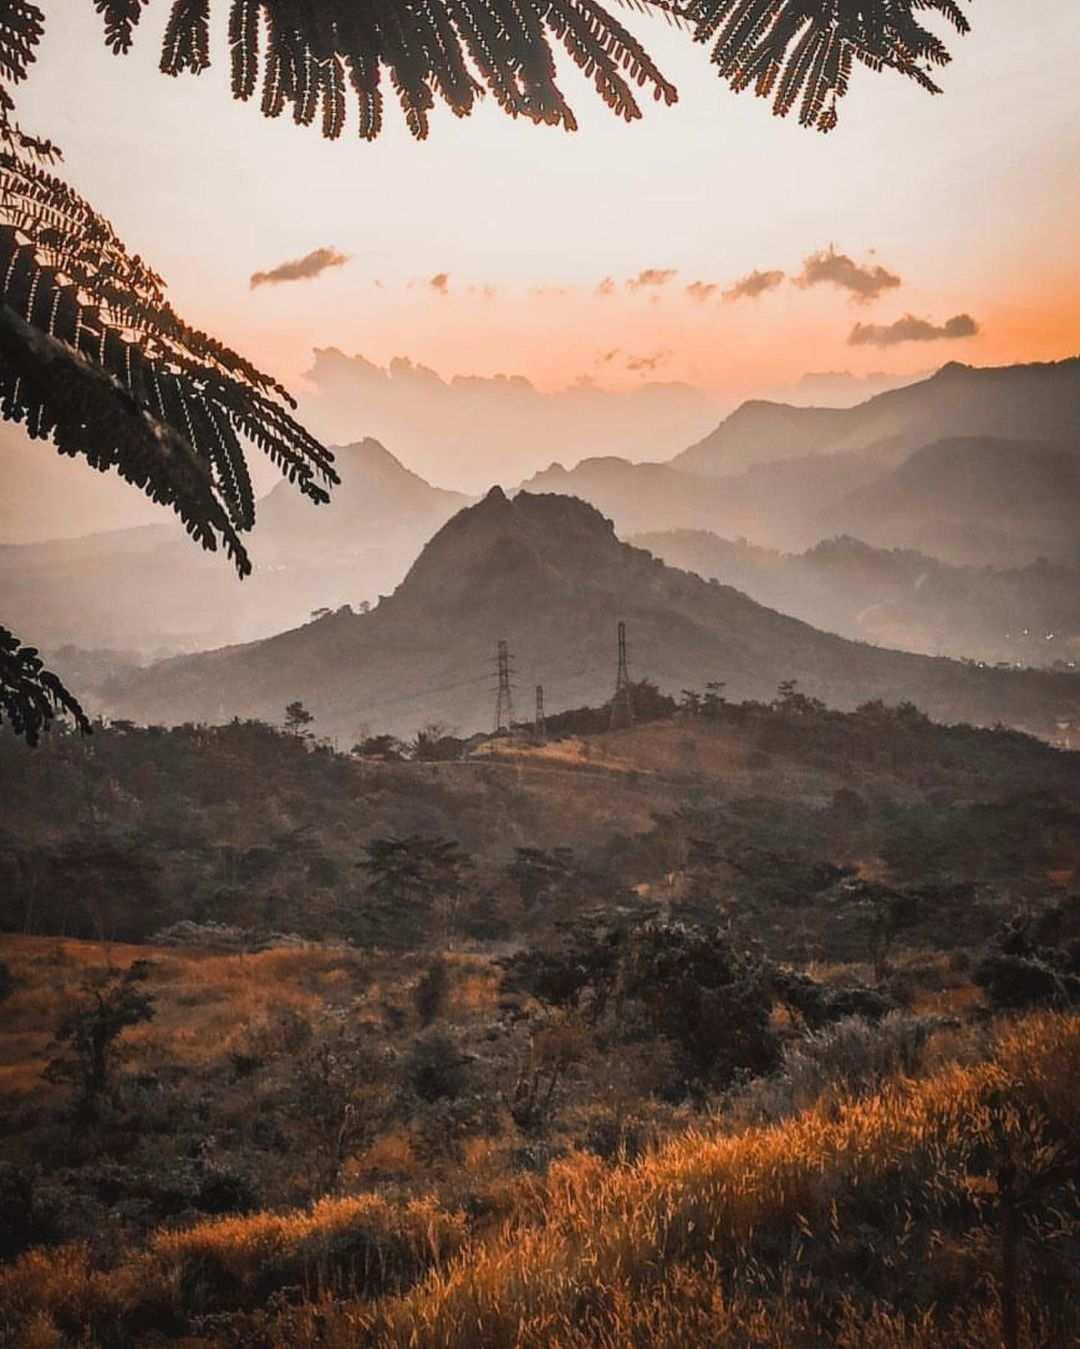 Pemandangan di Hidden Valley Hills Purwakarta, Image From @why_ajie